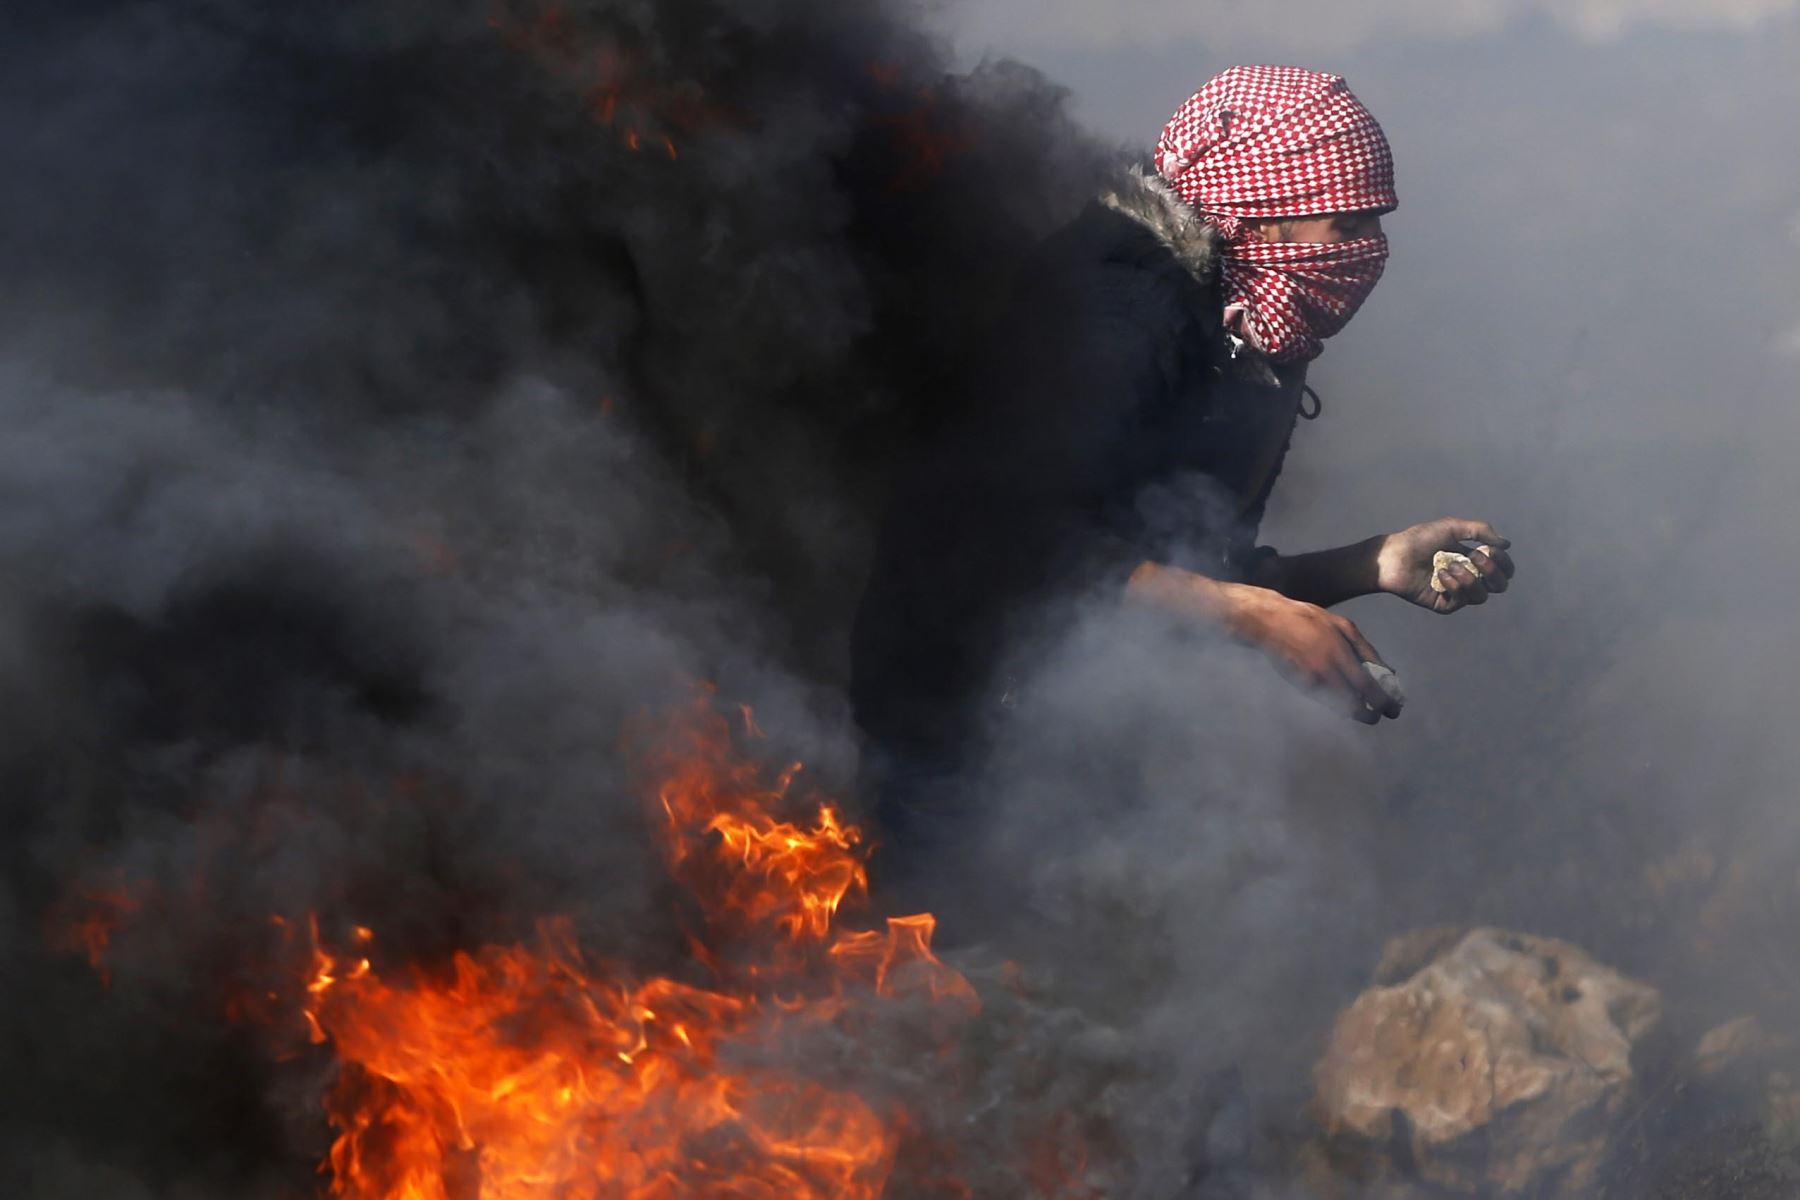 Un manifestante palestino se prepara para lanzar piedras contra las fuerzas de seguridad israelíes en Cisjordania. Foto: AFP